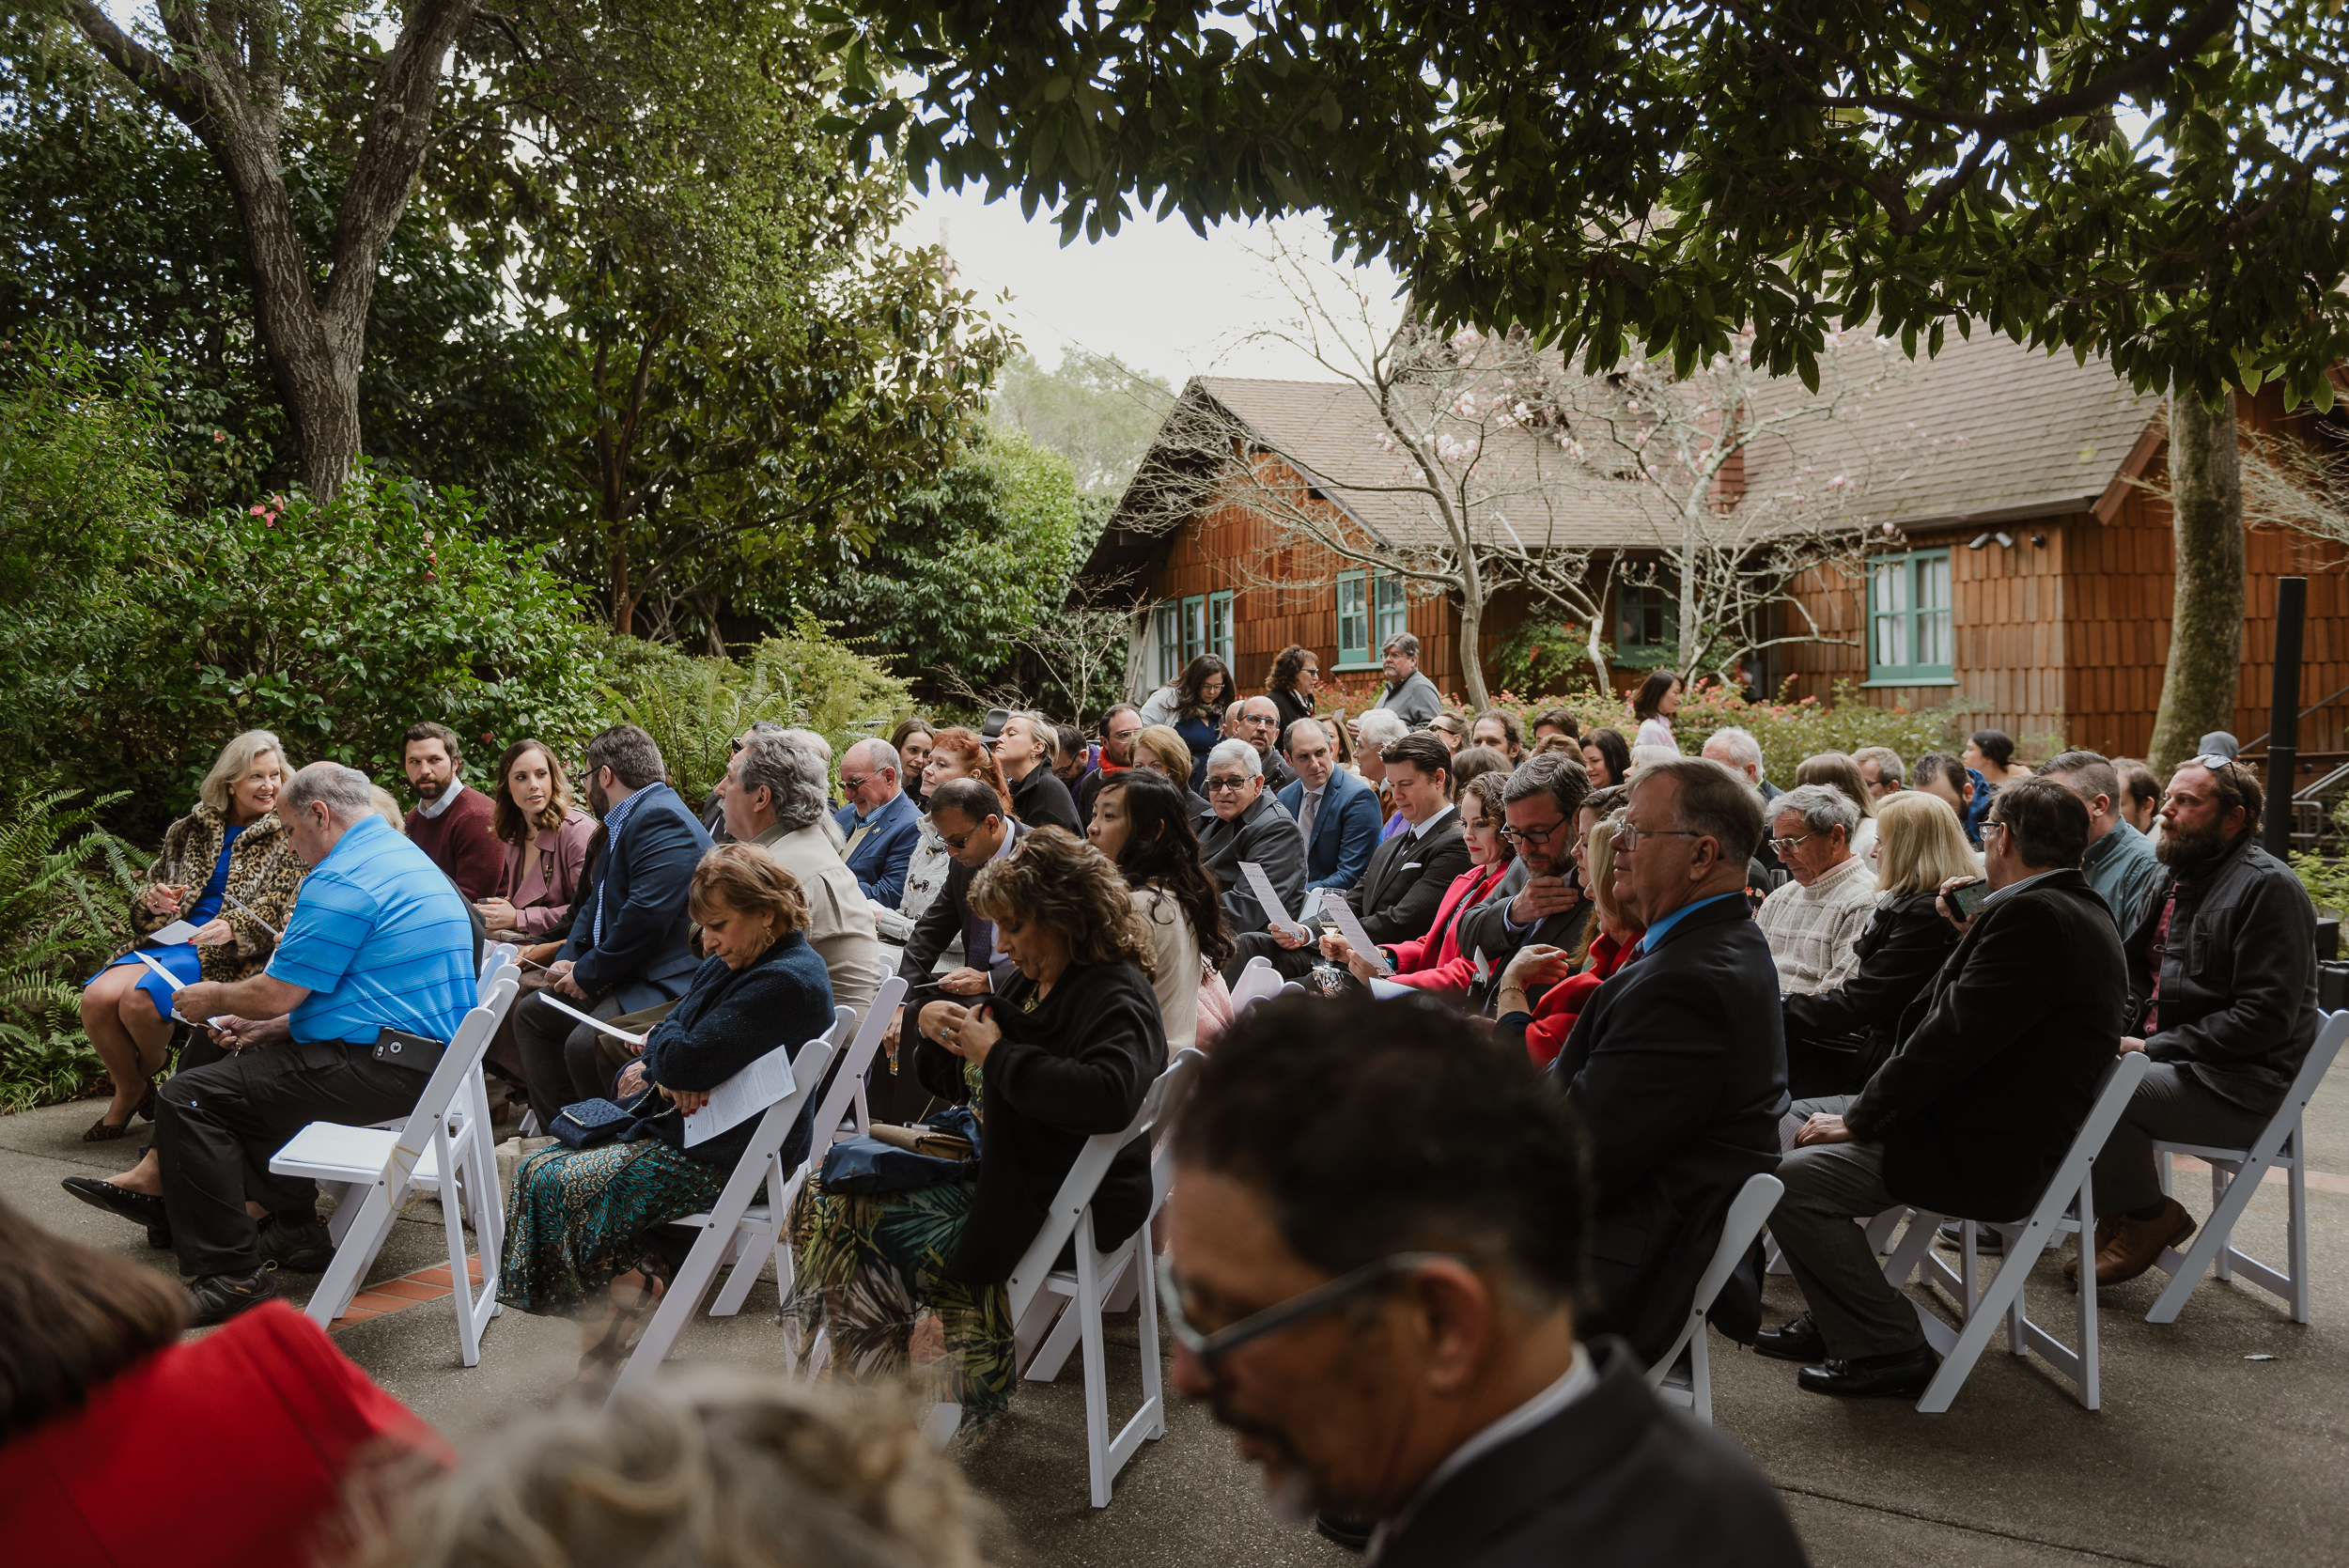 020winter-mill-valley-wedding-outdoor-art-club-wedding-vivianchen-115.jpg